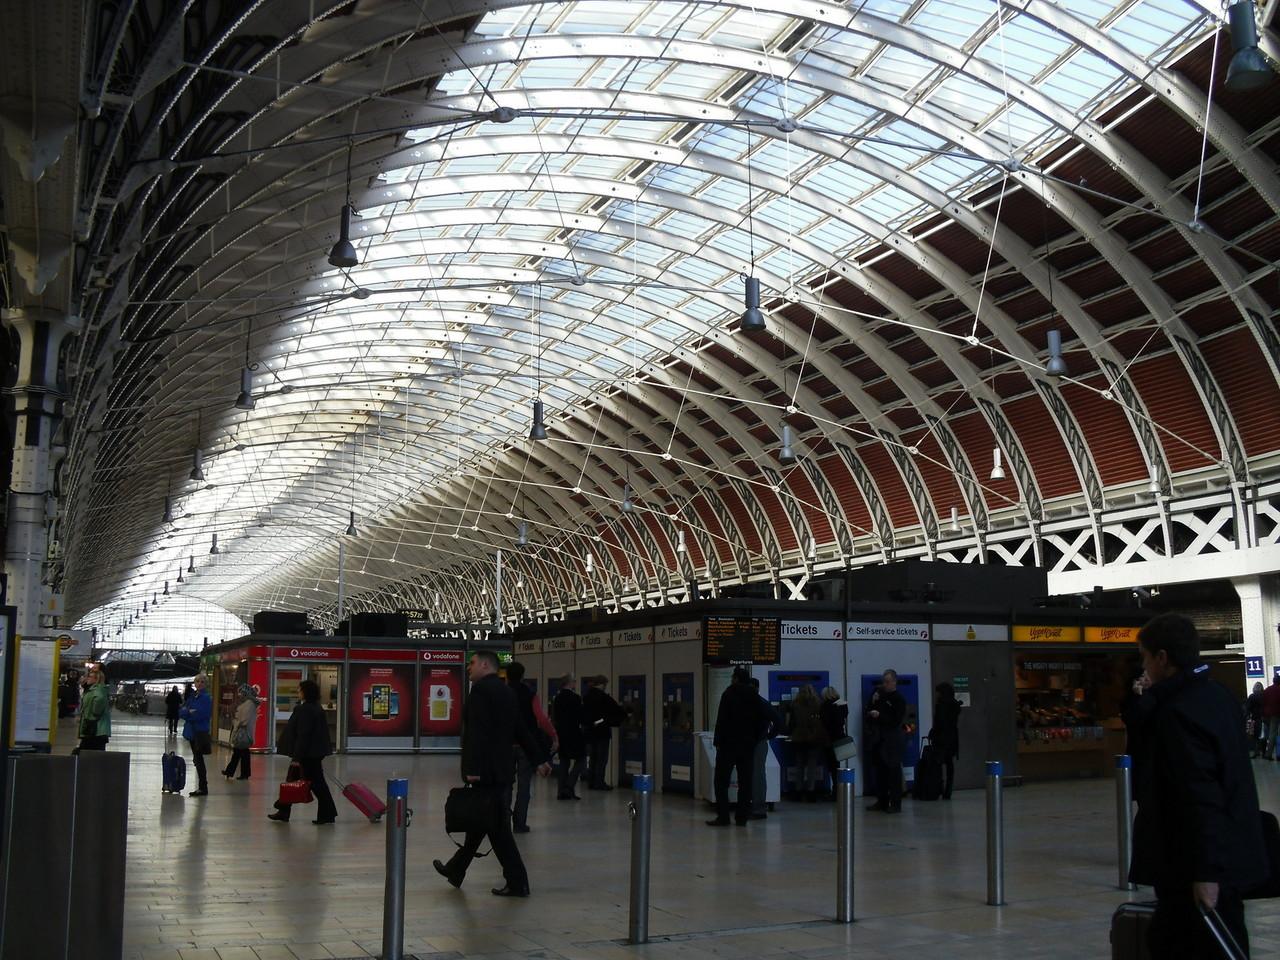 パディントン駅の内部です。古い駅はこの天井が多いです。